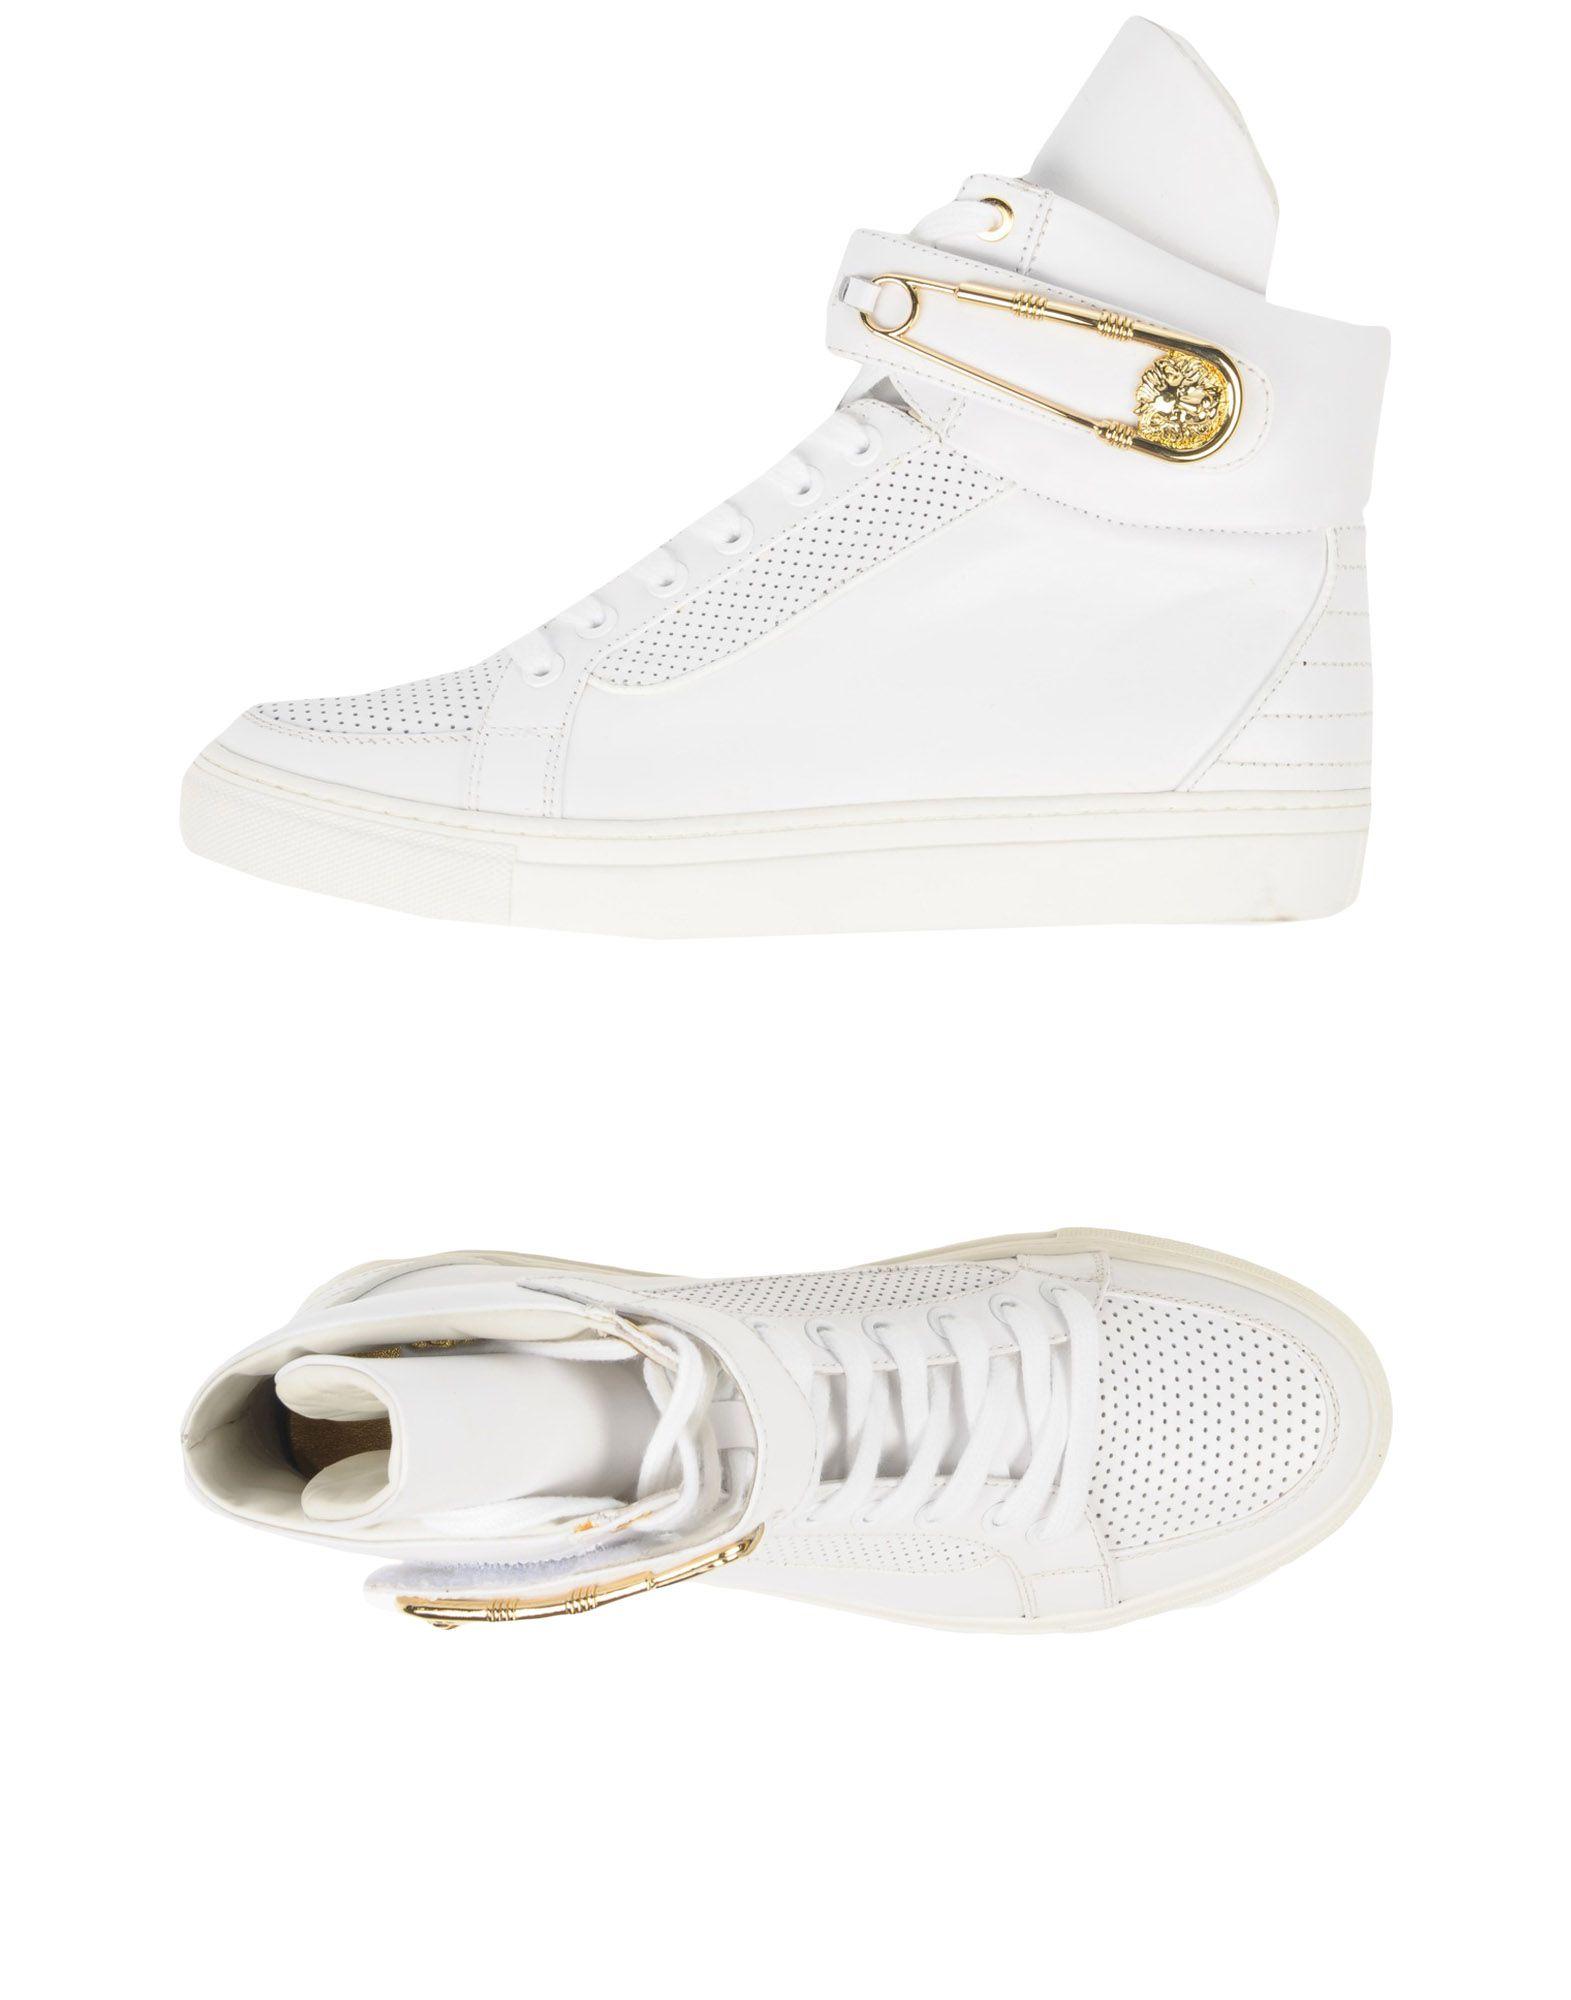 Versus Versace Sneakers Damen  11314278WF Beliebte Schuhe